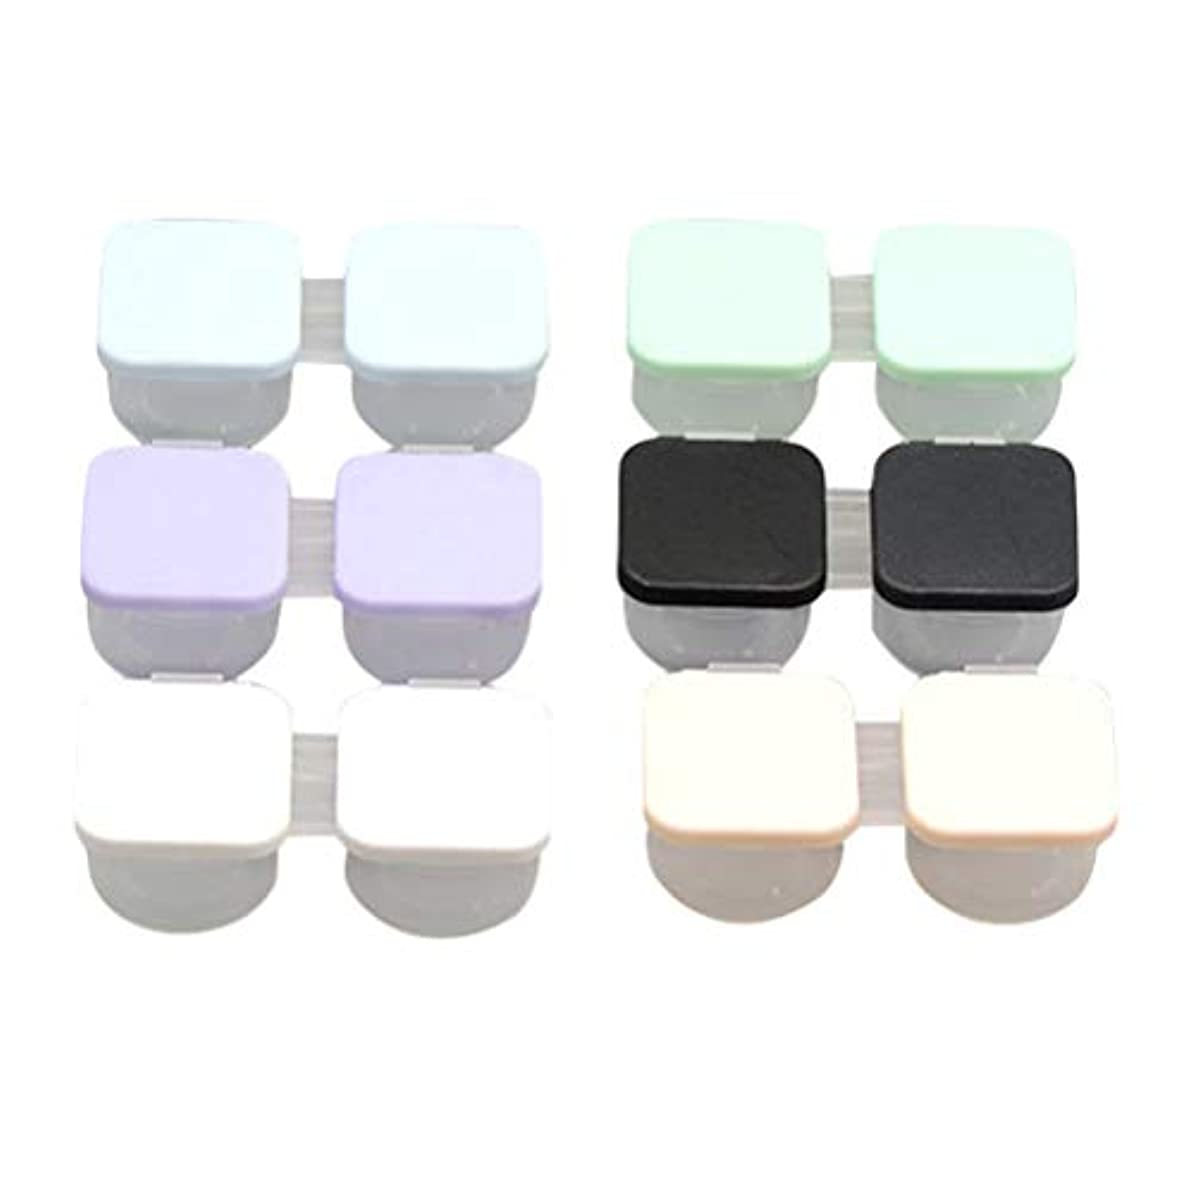 ブレンド悪質な印をつけるHealifty 6Pcs / Setポータブルコンタクトレンズケースダブルボックスコンタクトレンズ容器携帯用コンタクトレンズホルダー